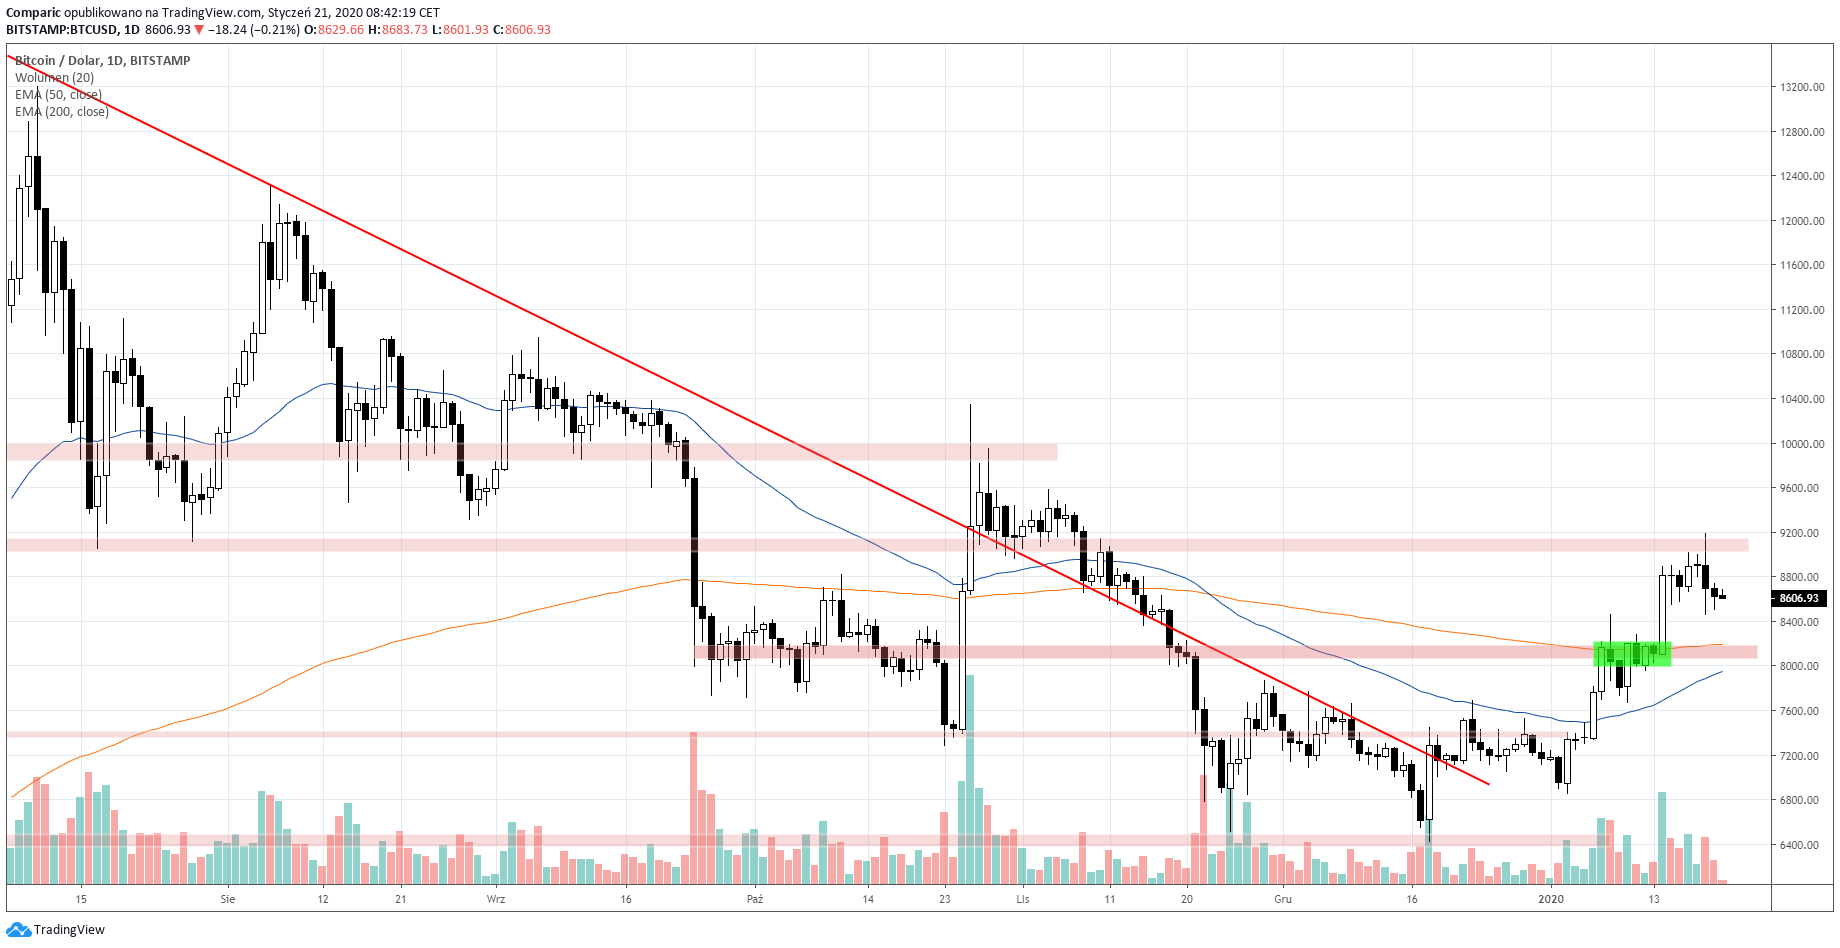 Bitcoin z szansą spadków we wtorek w kierunku 8200 dolarów. Źródło: Tradingview.com